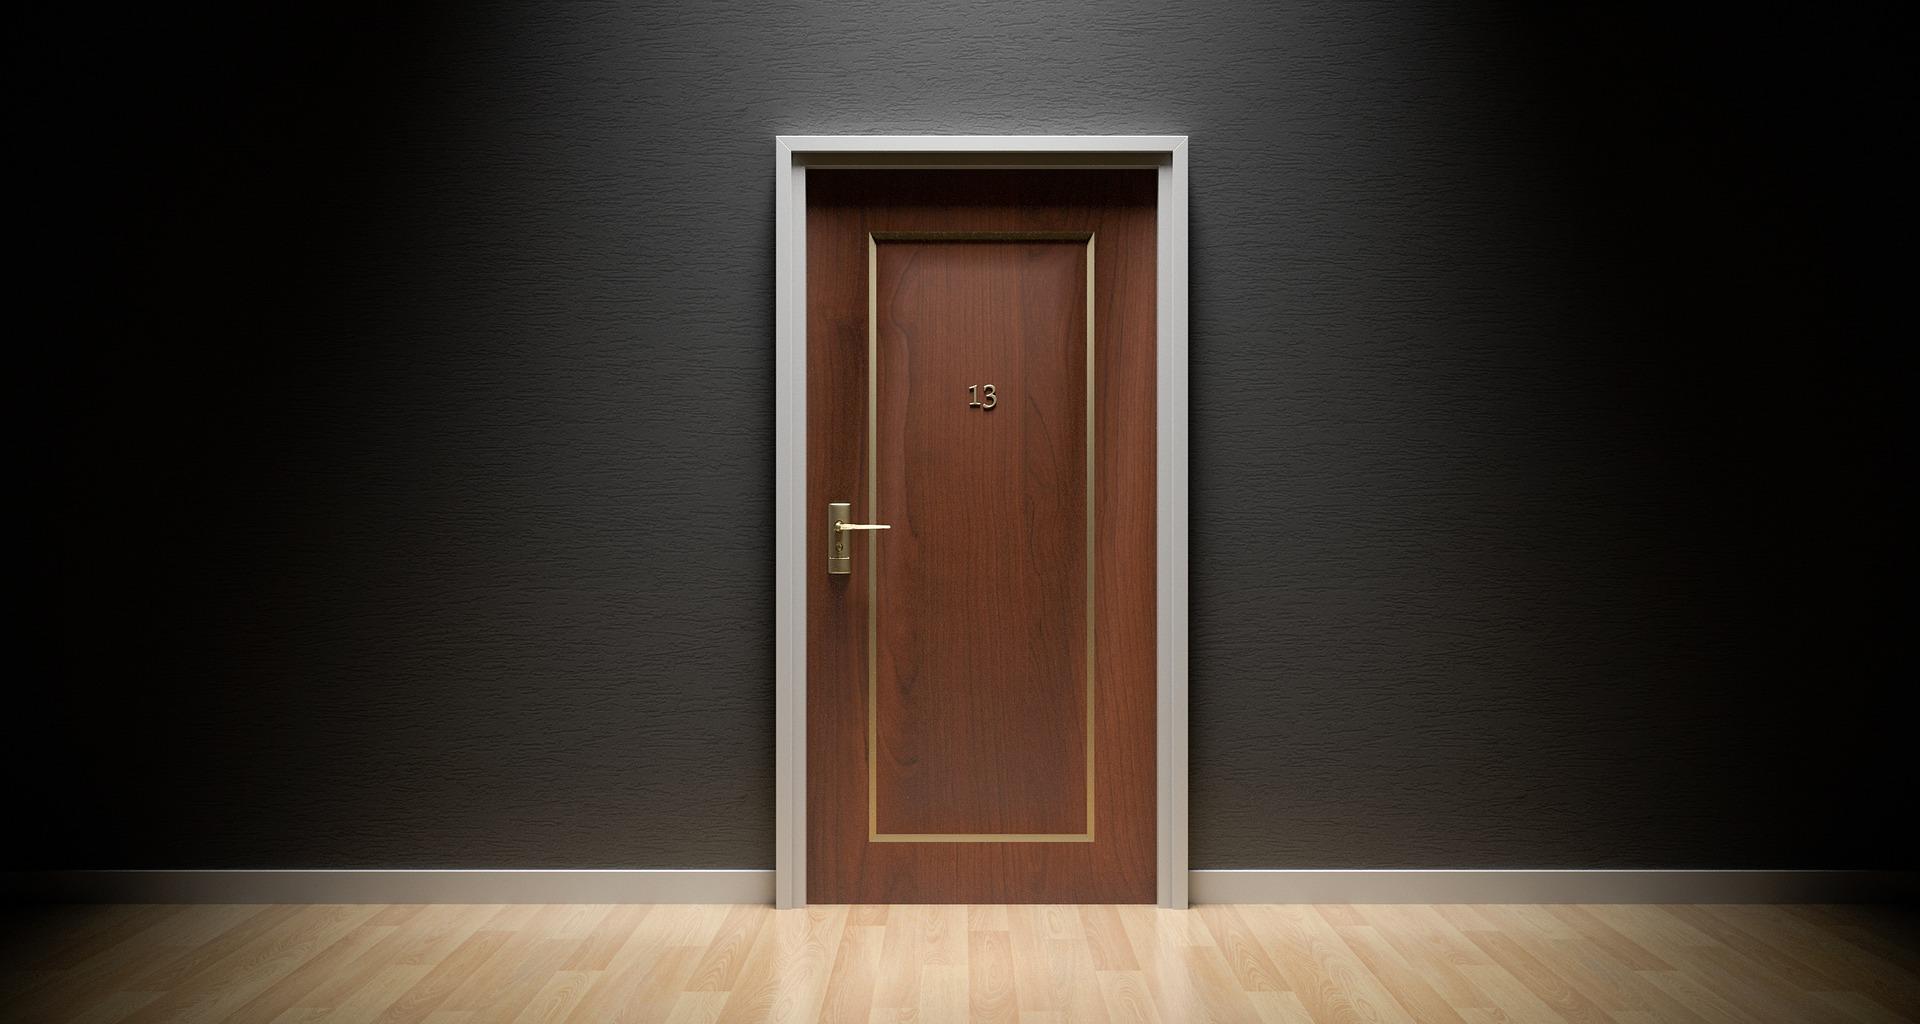 Nepusťte oheň přes práh dveří